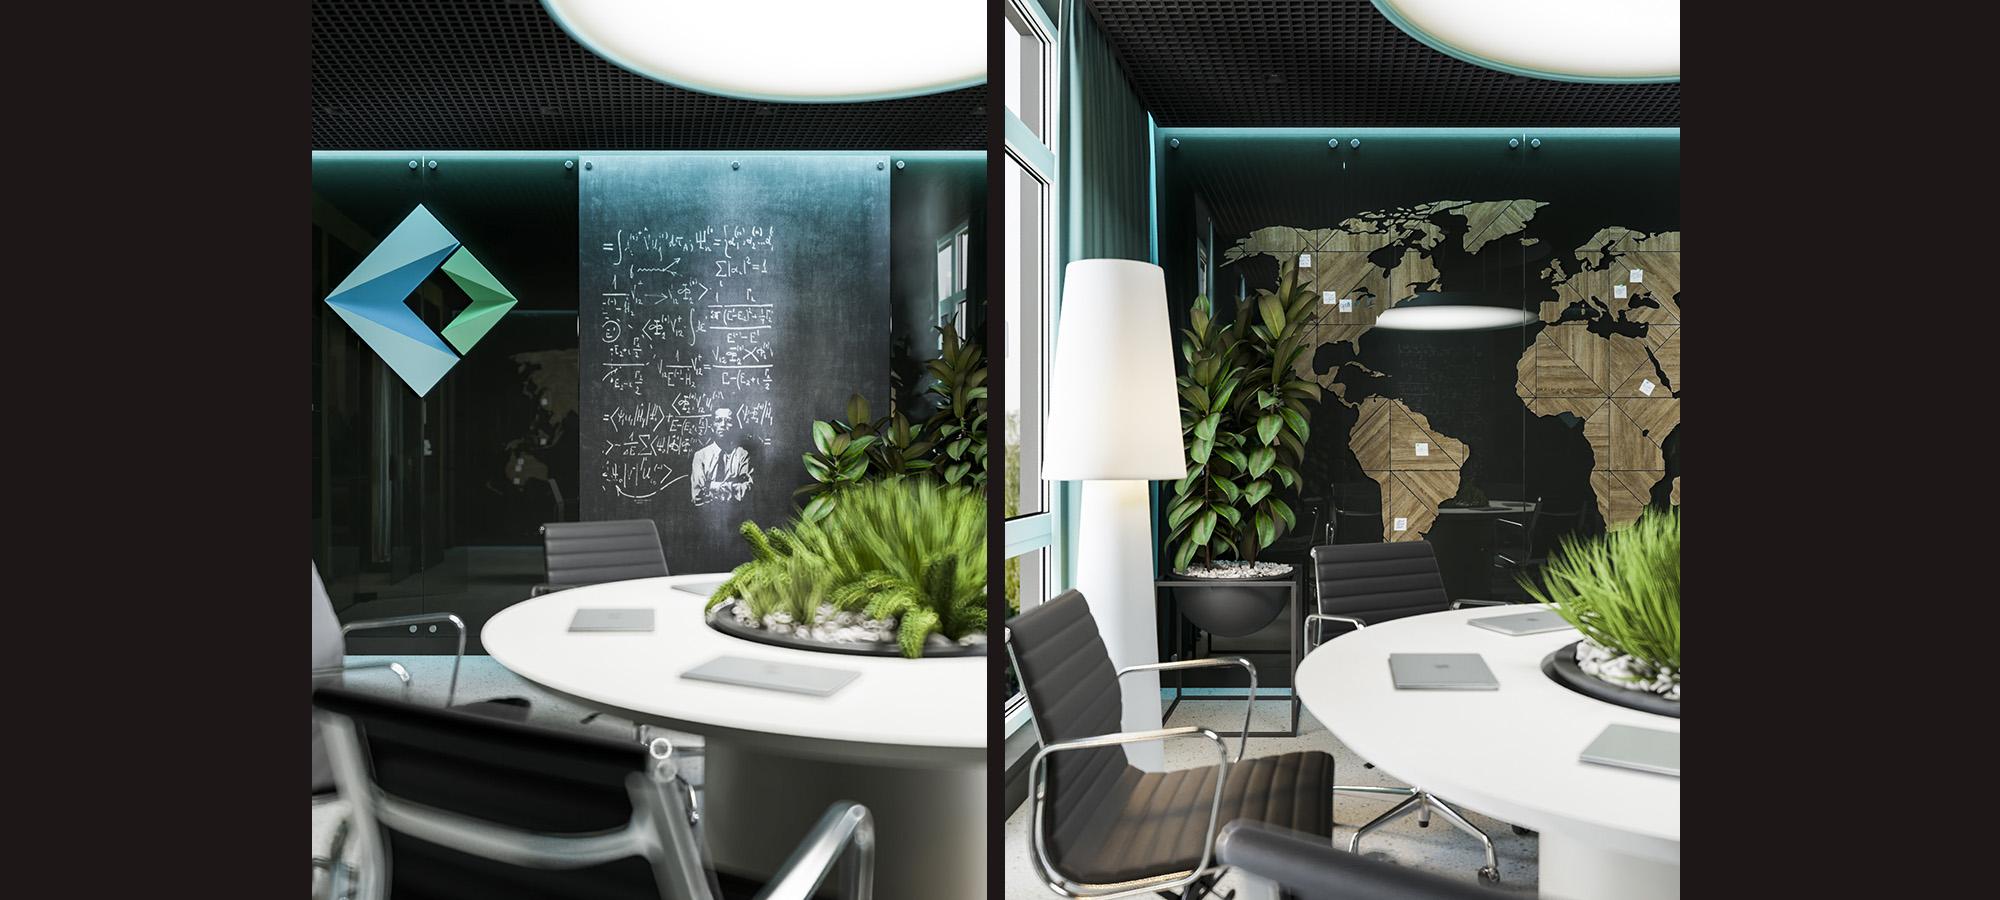 реализация проект-дизайна коммерческого помещения от АртСтройдом